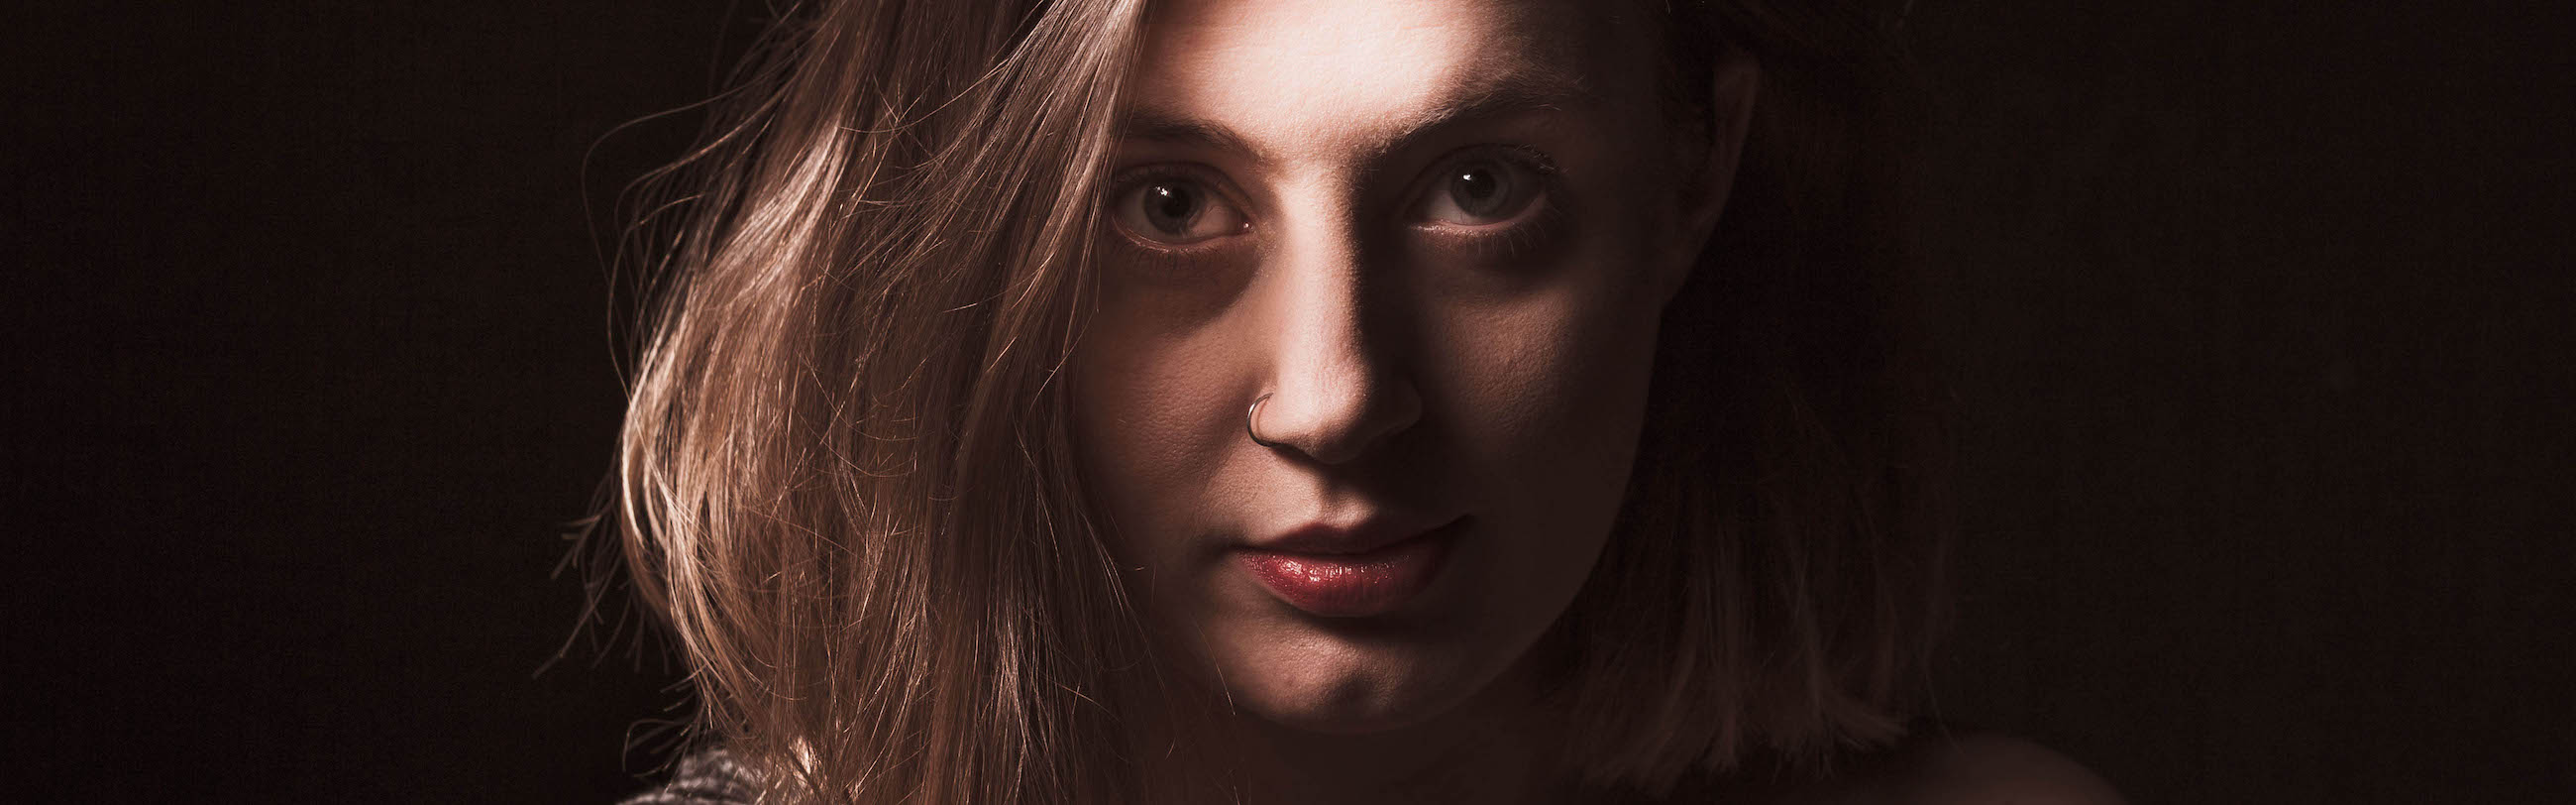 Lena Romul fot. Arkadiusz Krassowski